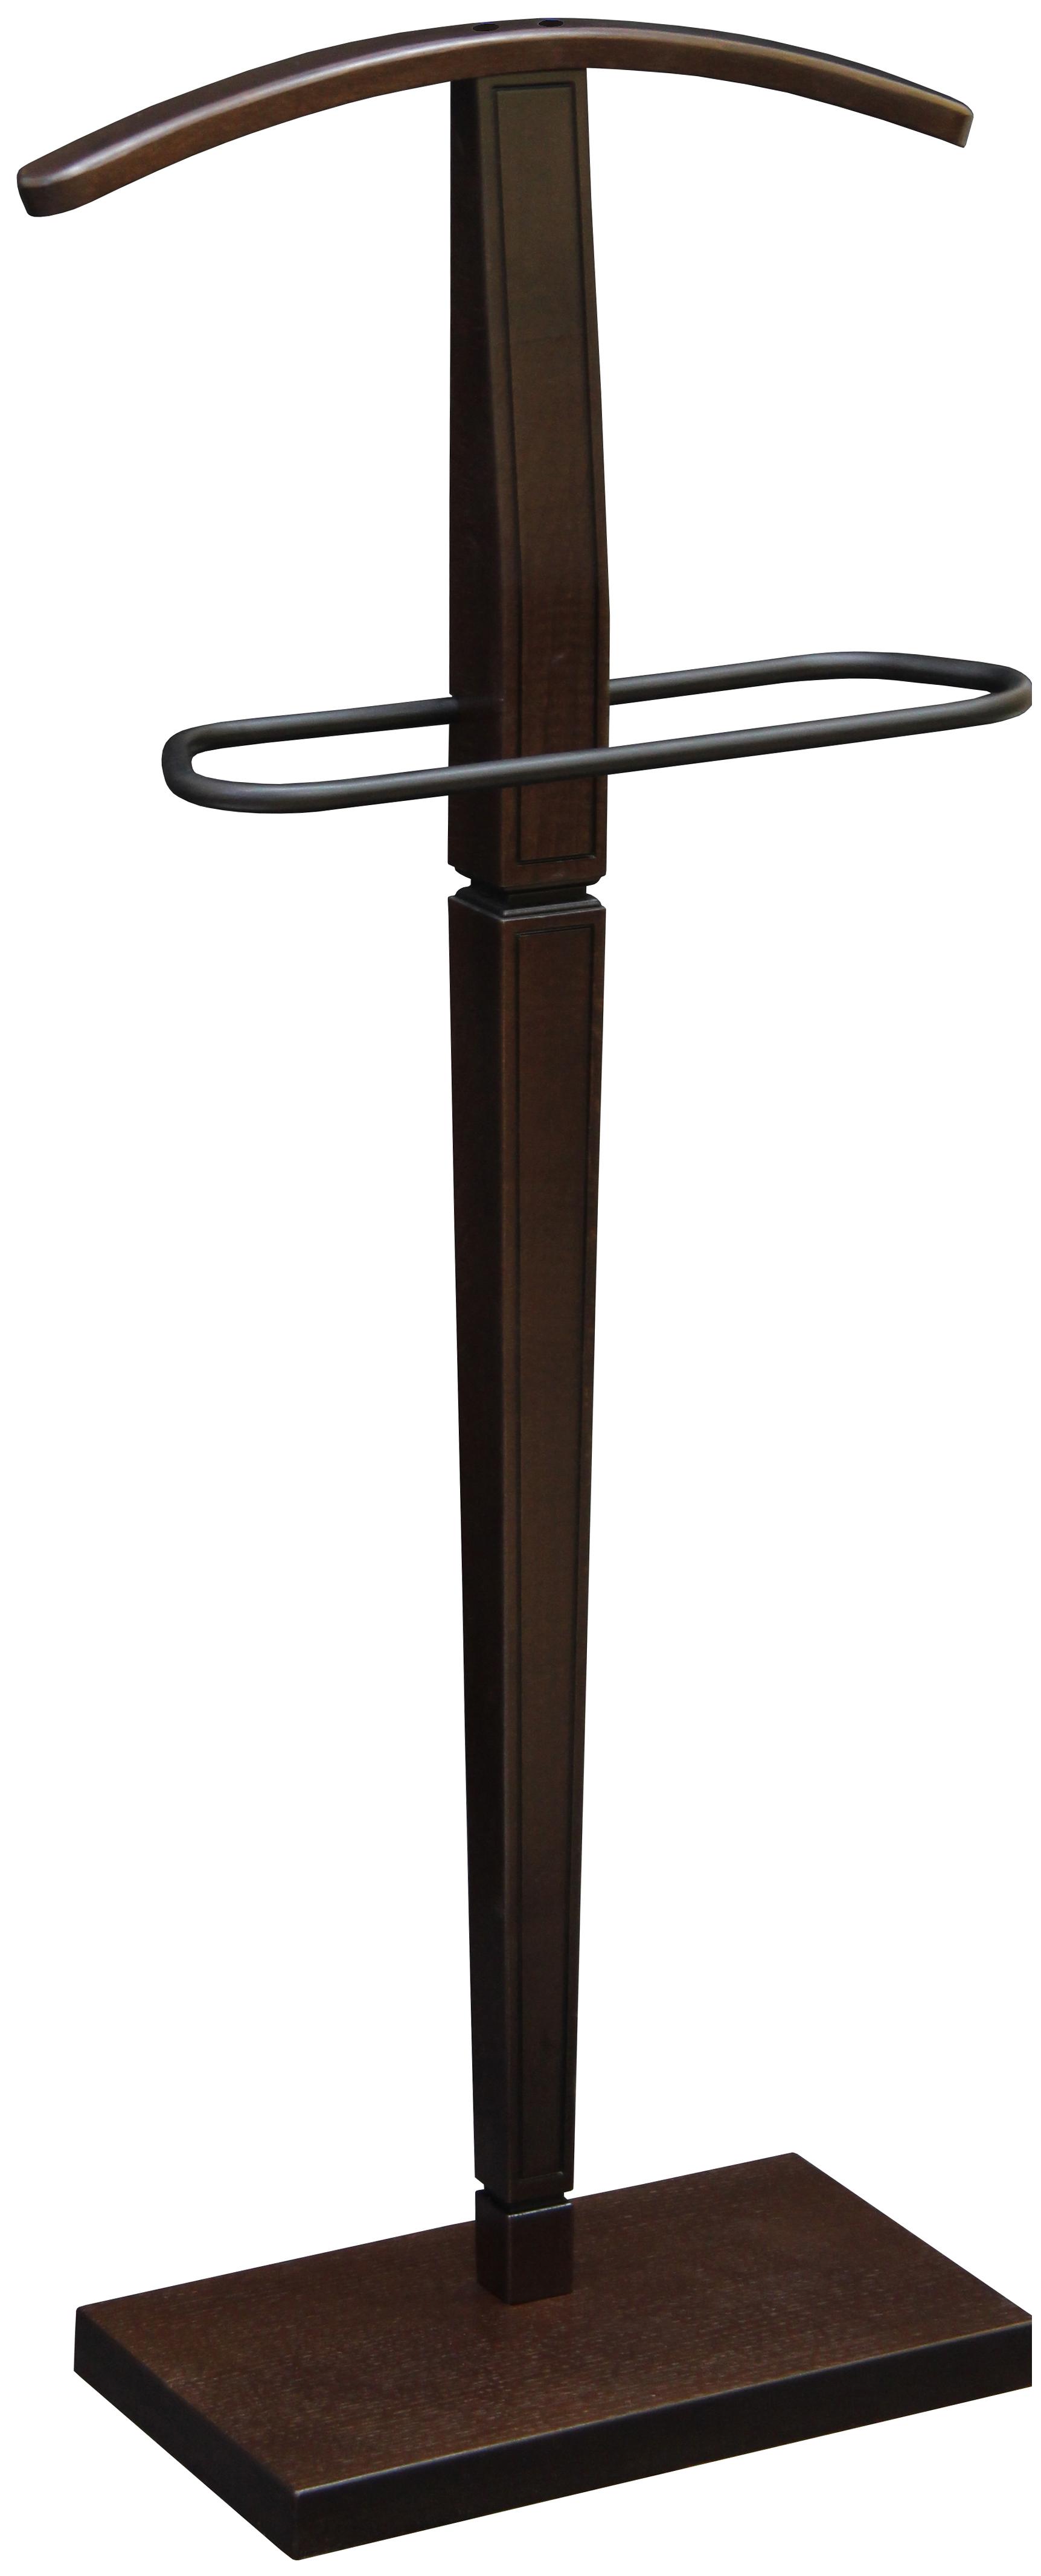 Вешалка напольная Мебелик Васко В 70 Темно-коричневый/Патина